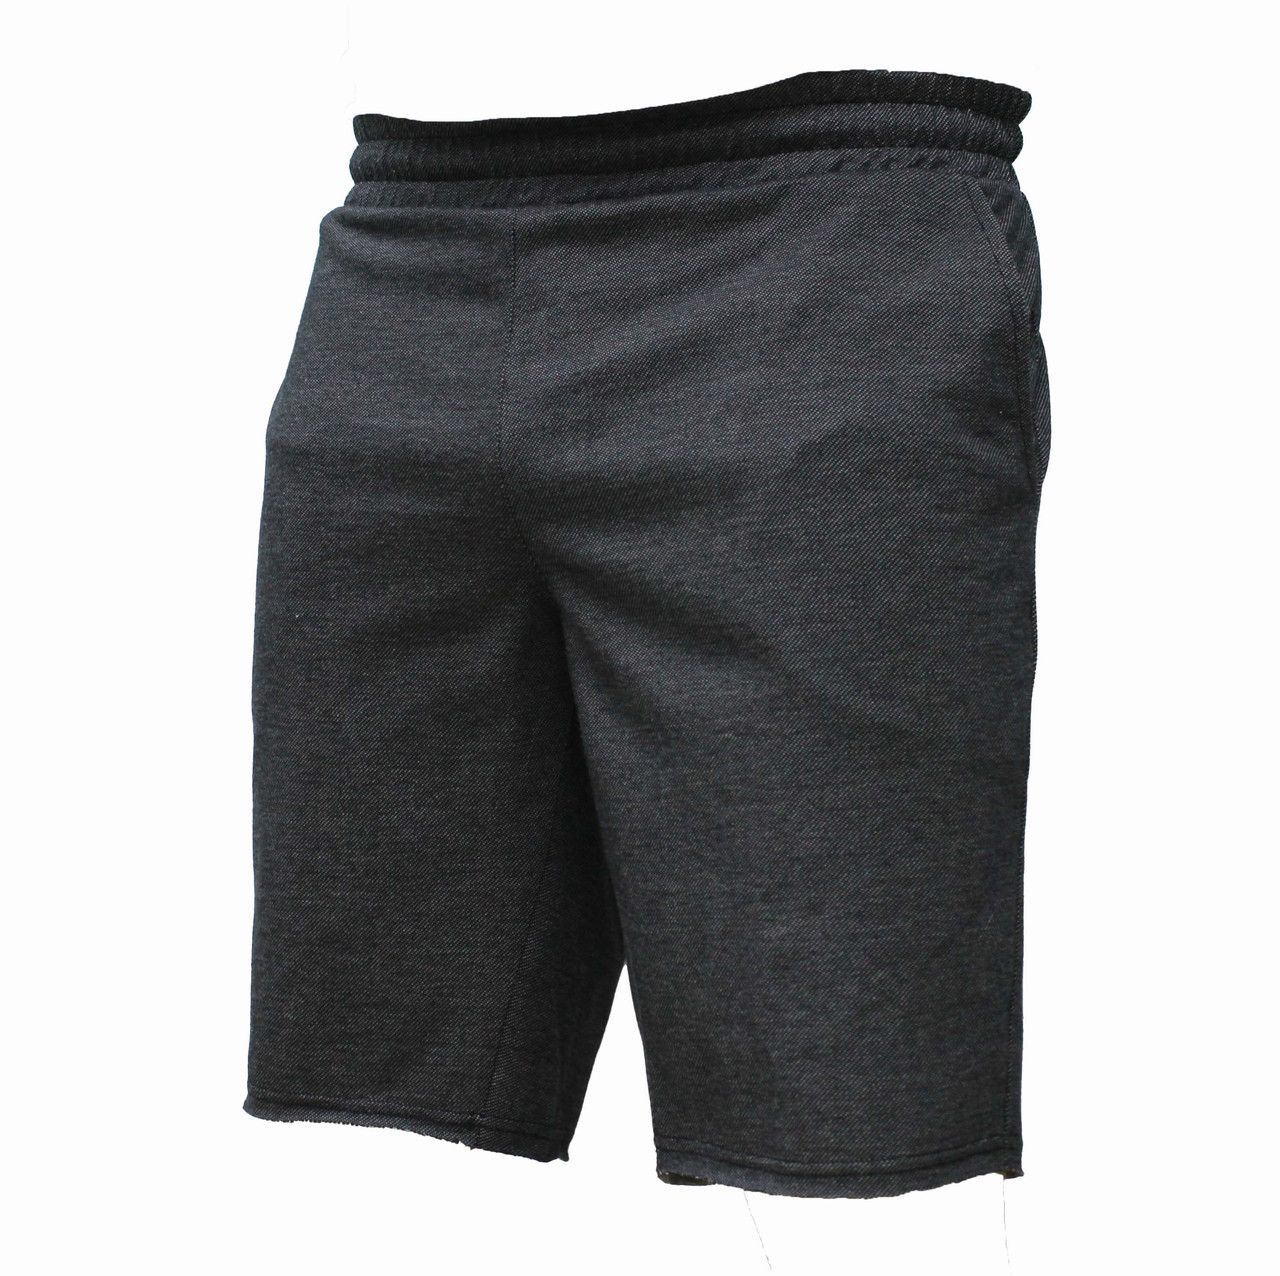 Мужские повседневные темные трикотажные шорты цвета графит